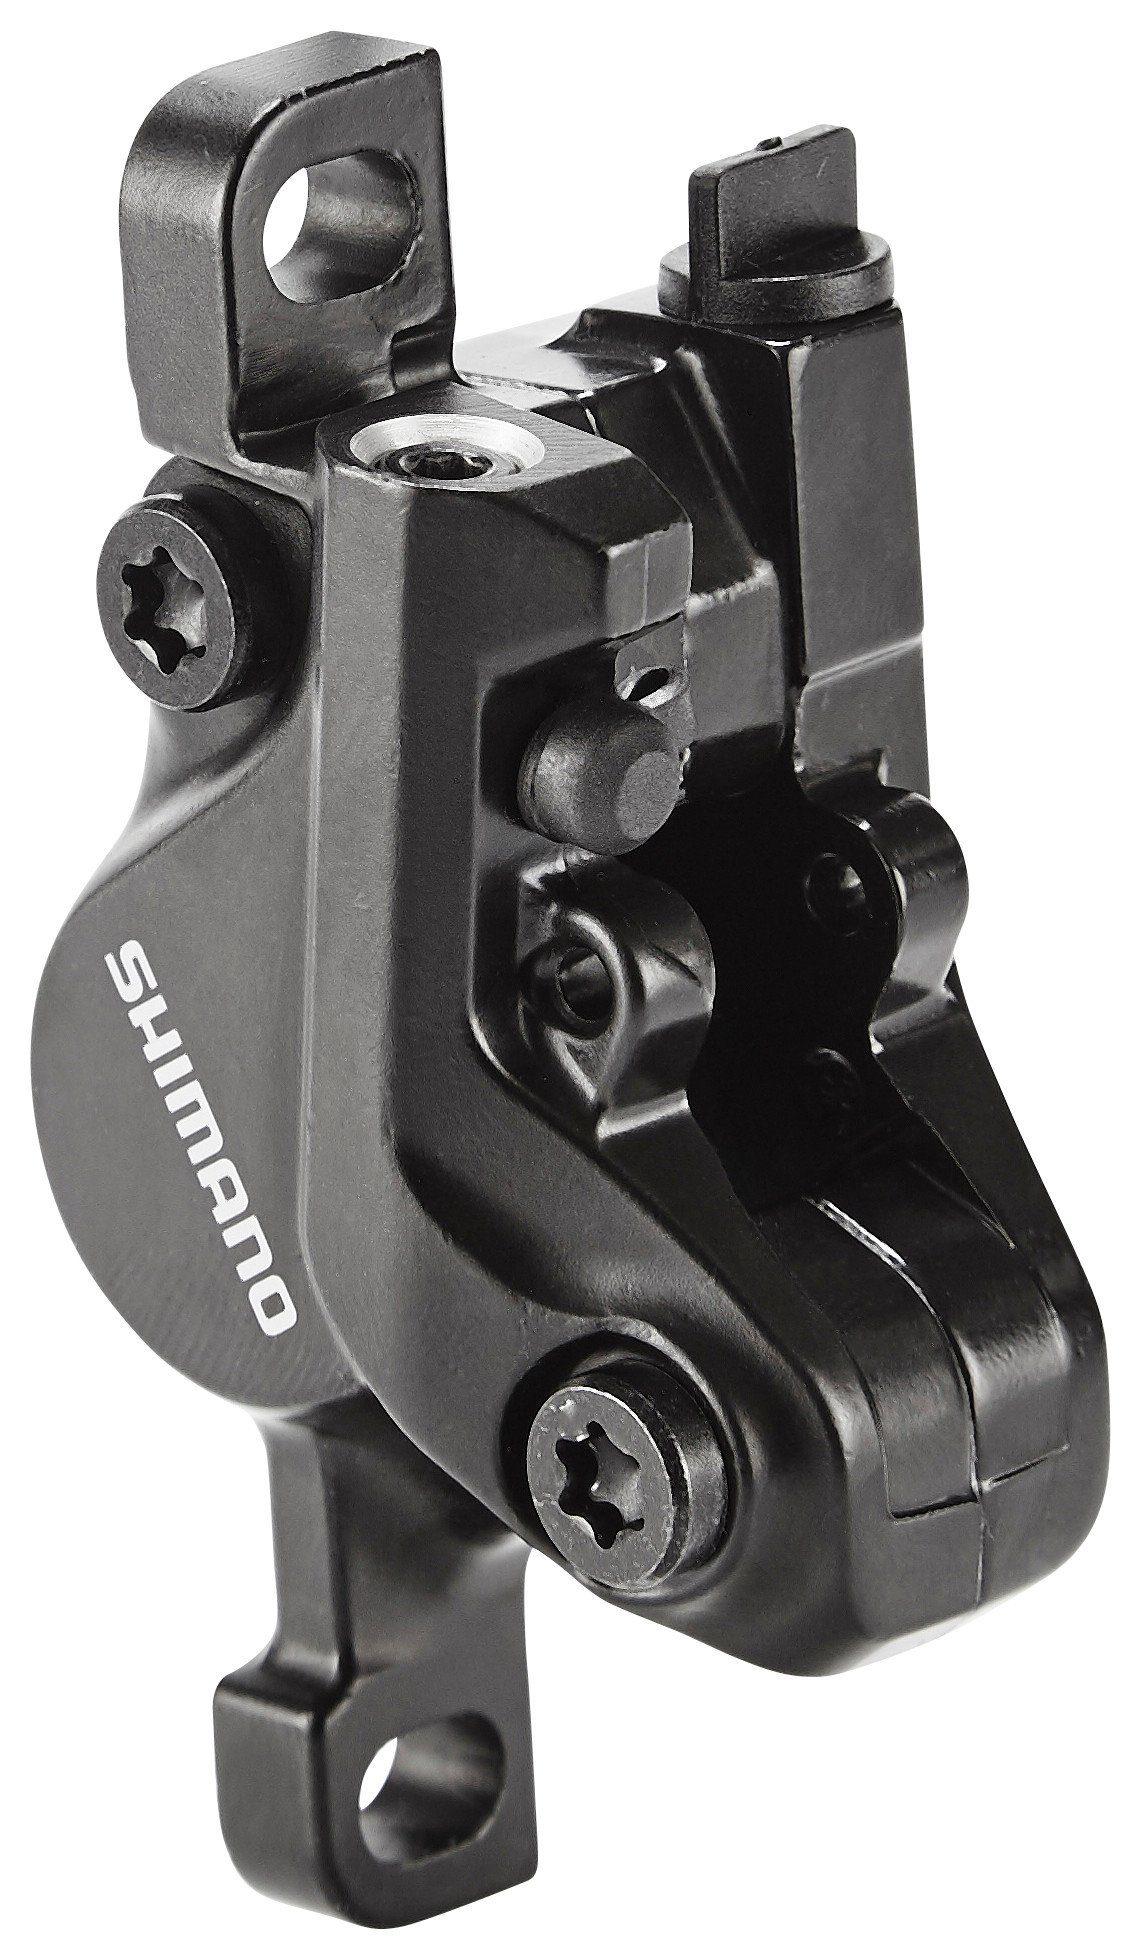 Shimano Bremsen »Acera BR-M395 Bremssattel«